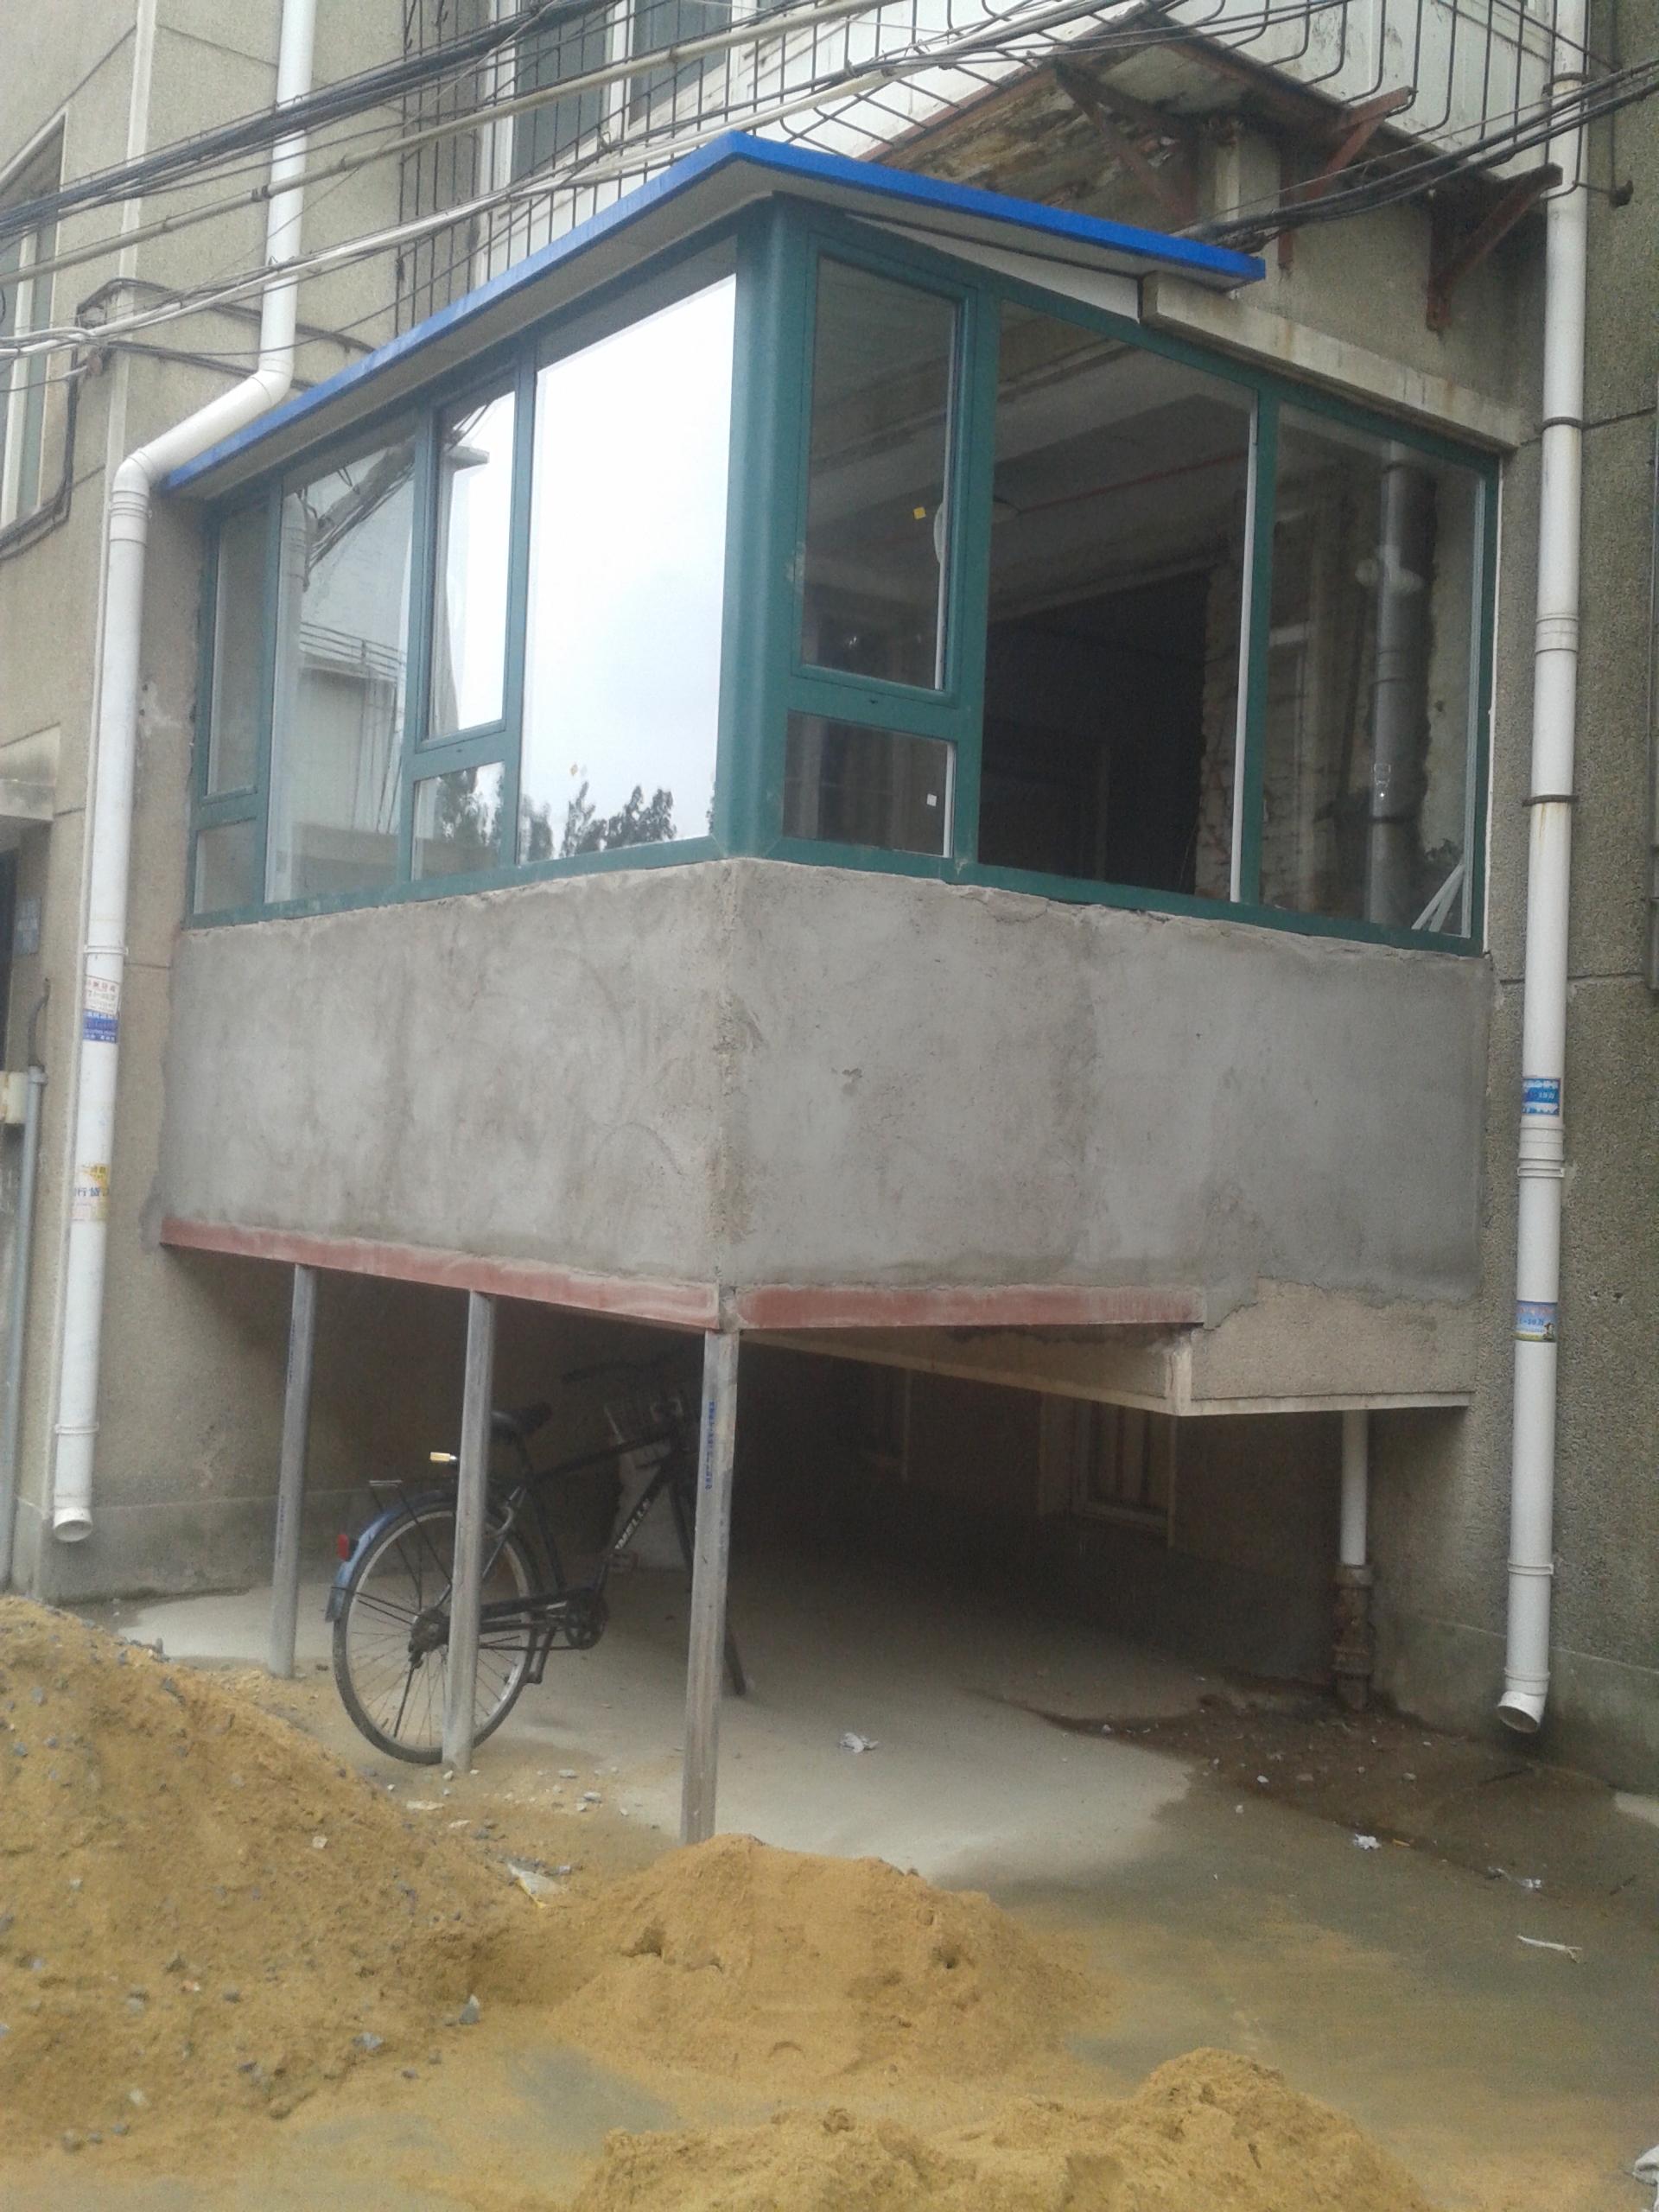 煙臺哪有供應高質量的煙臺門窗 煙臺斷橋鋁包陽臺門窗